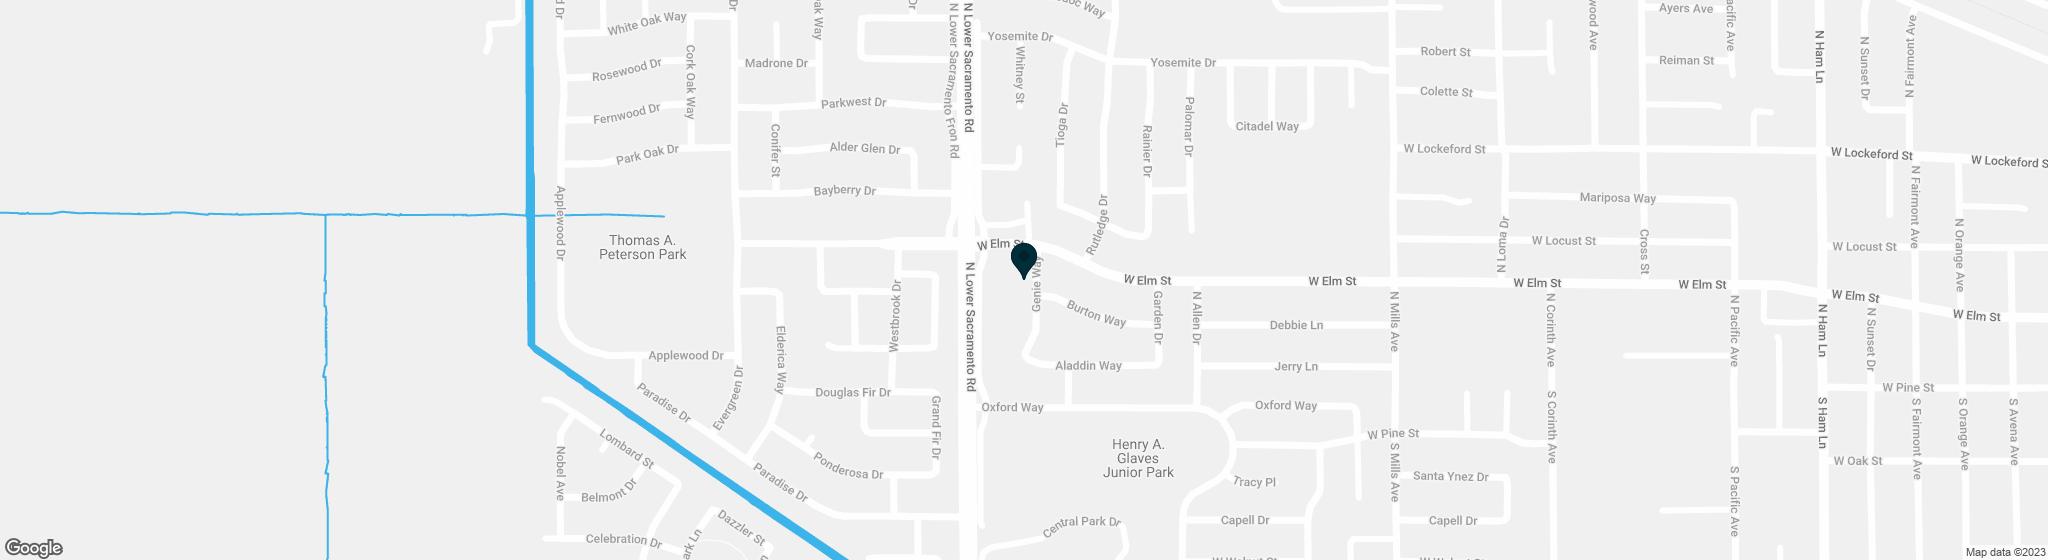 81 Genie Way Lodi CA 95242